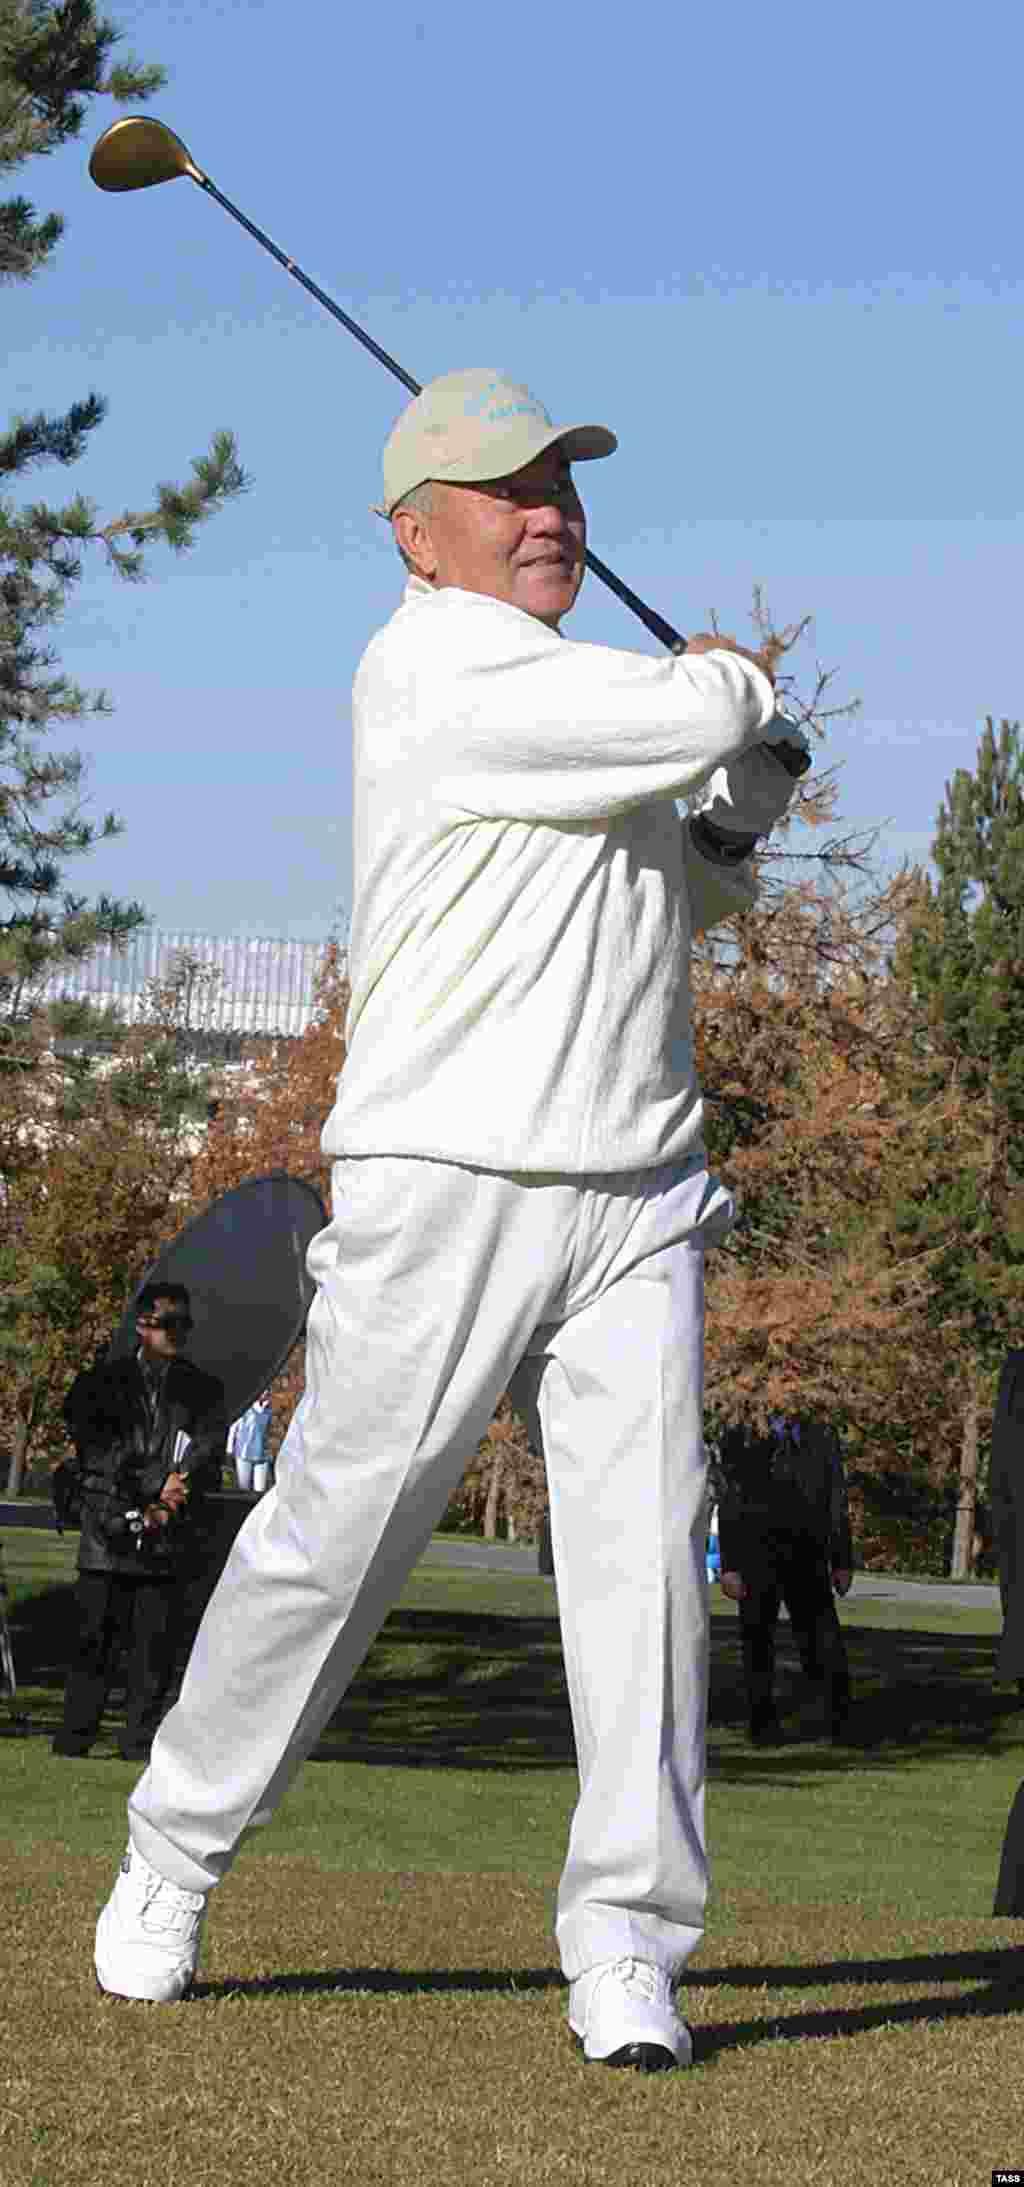 Қазақстан президенті Нұрсұлтан Назарбаев халықаралық гольф турнирінің ашылу салтанатында. Алматы, 23 қазан 2003 жыл.